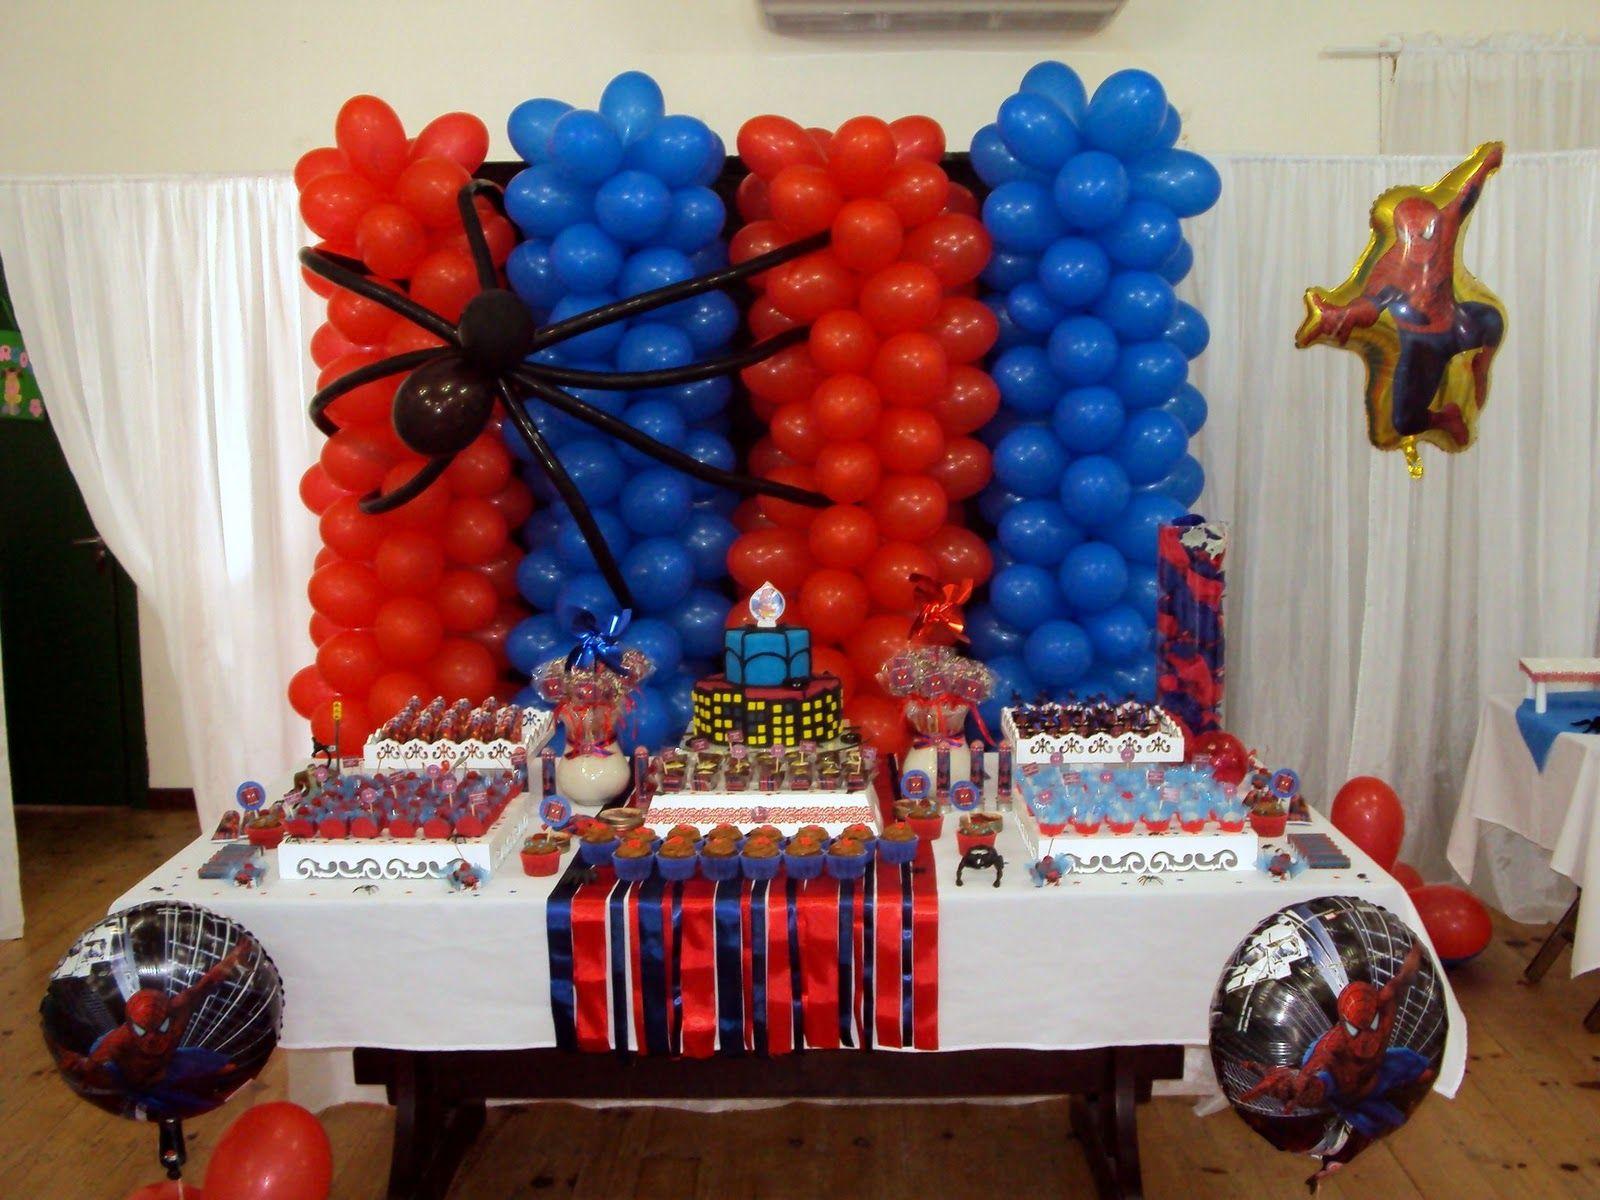 decoraç u00e3o de painel de festa infantil do homem aranha Pesquisa Google festa